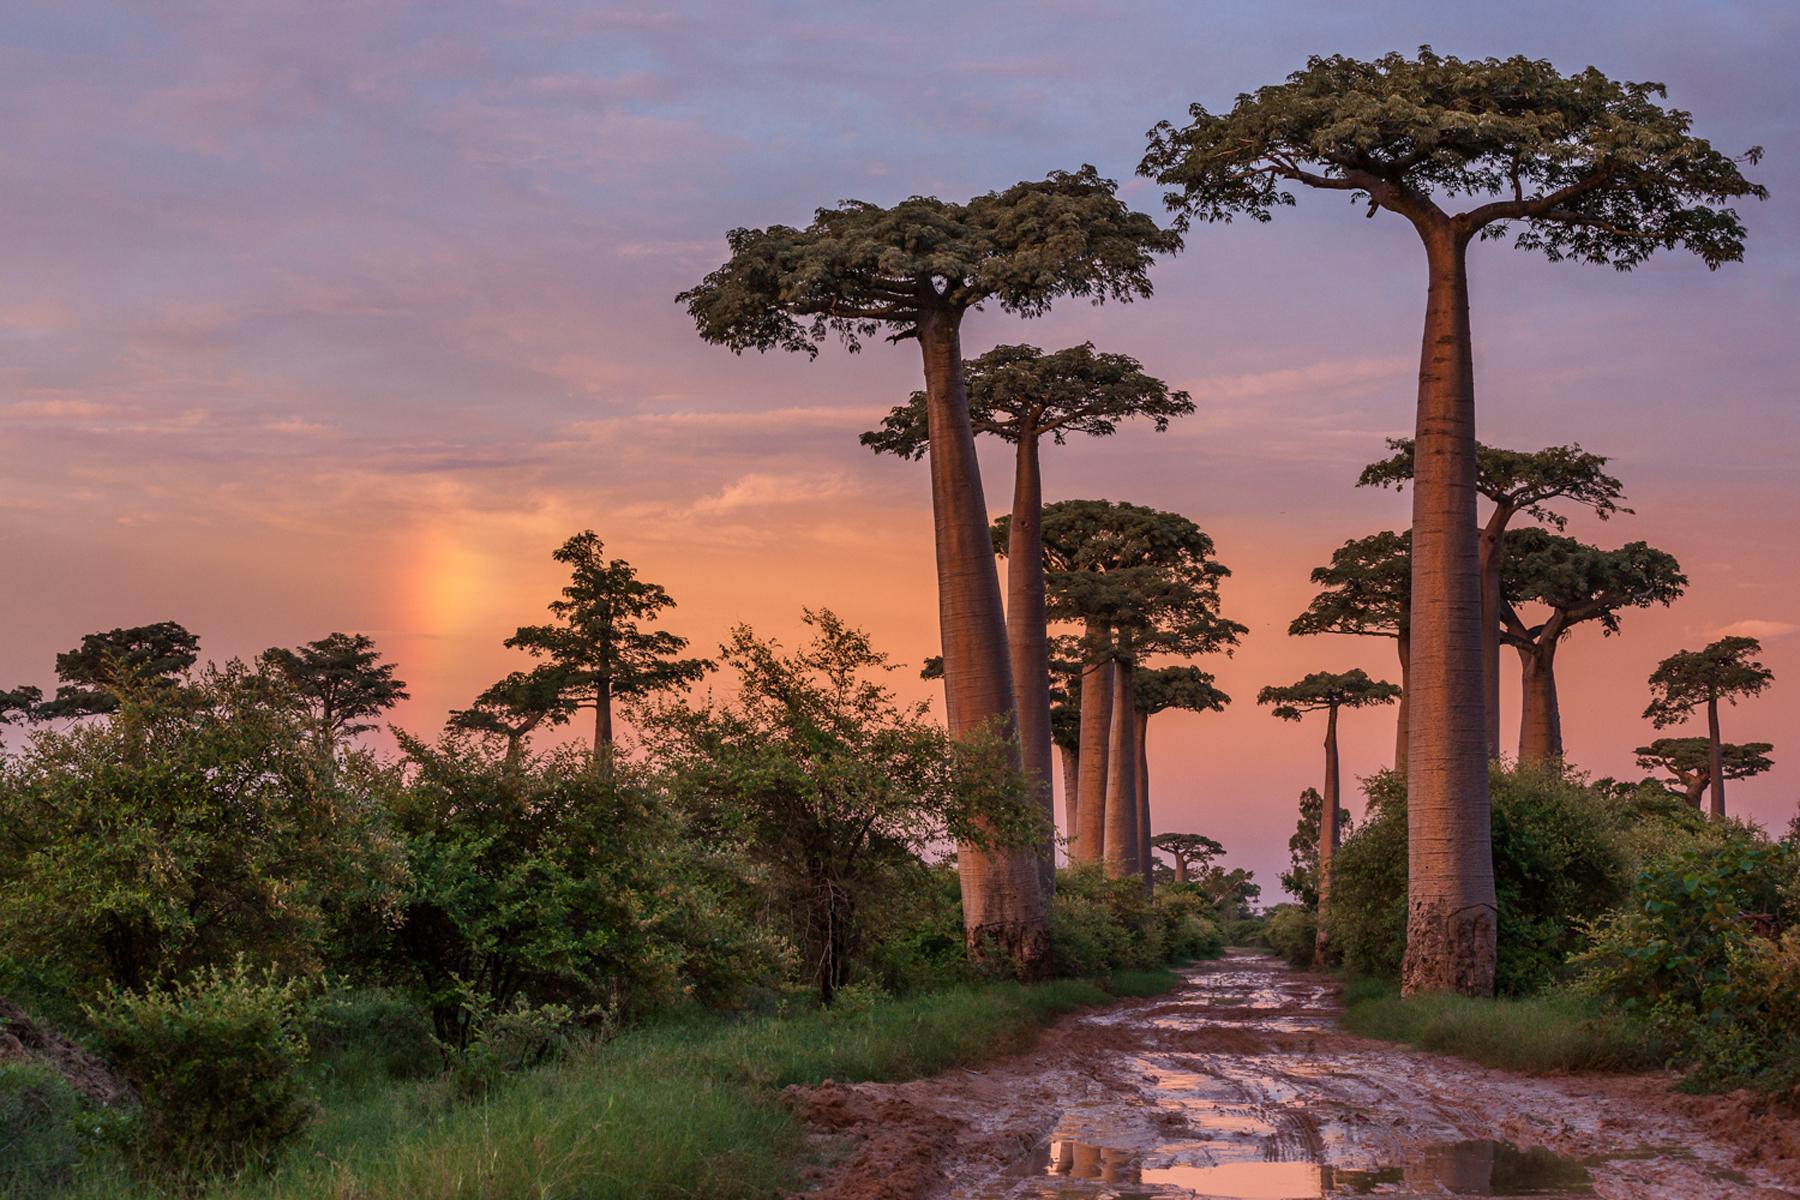 Cristina_Mittermeier_CGM_Madagascar_27075.jpg